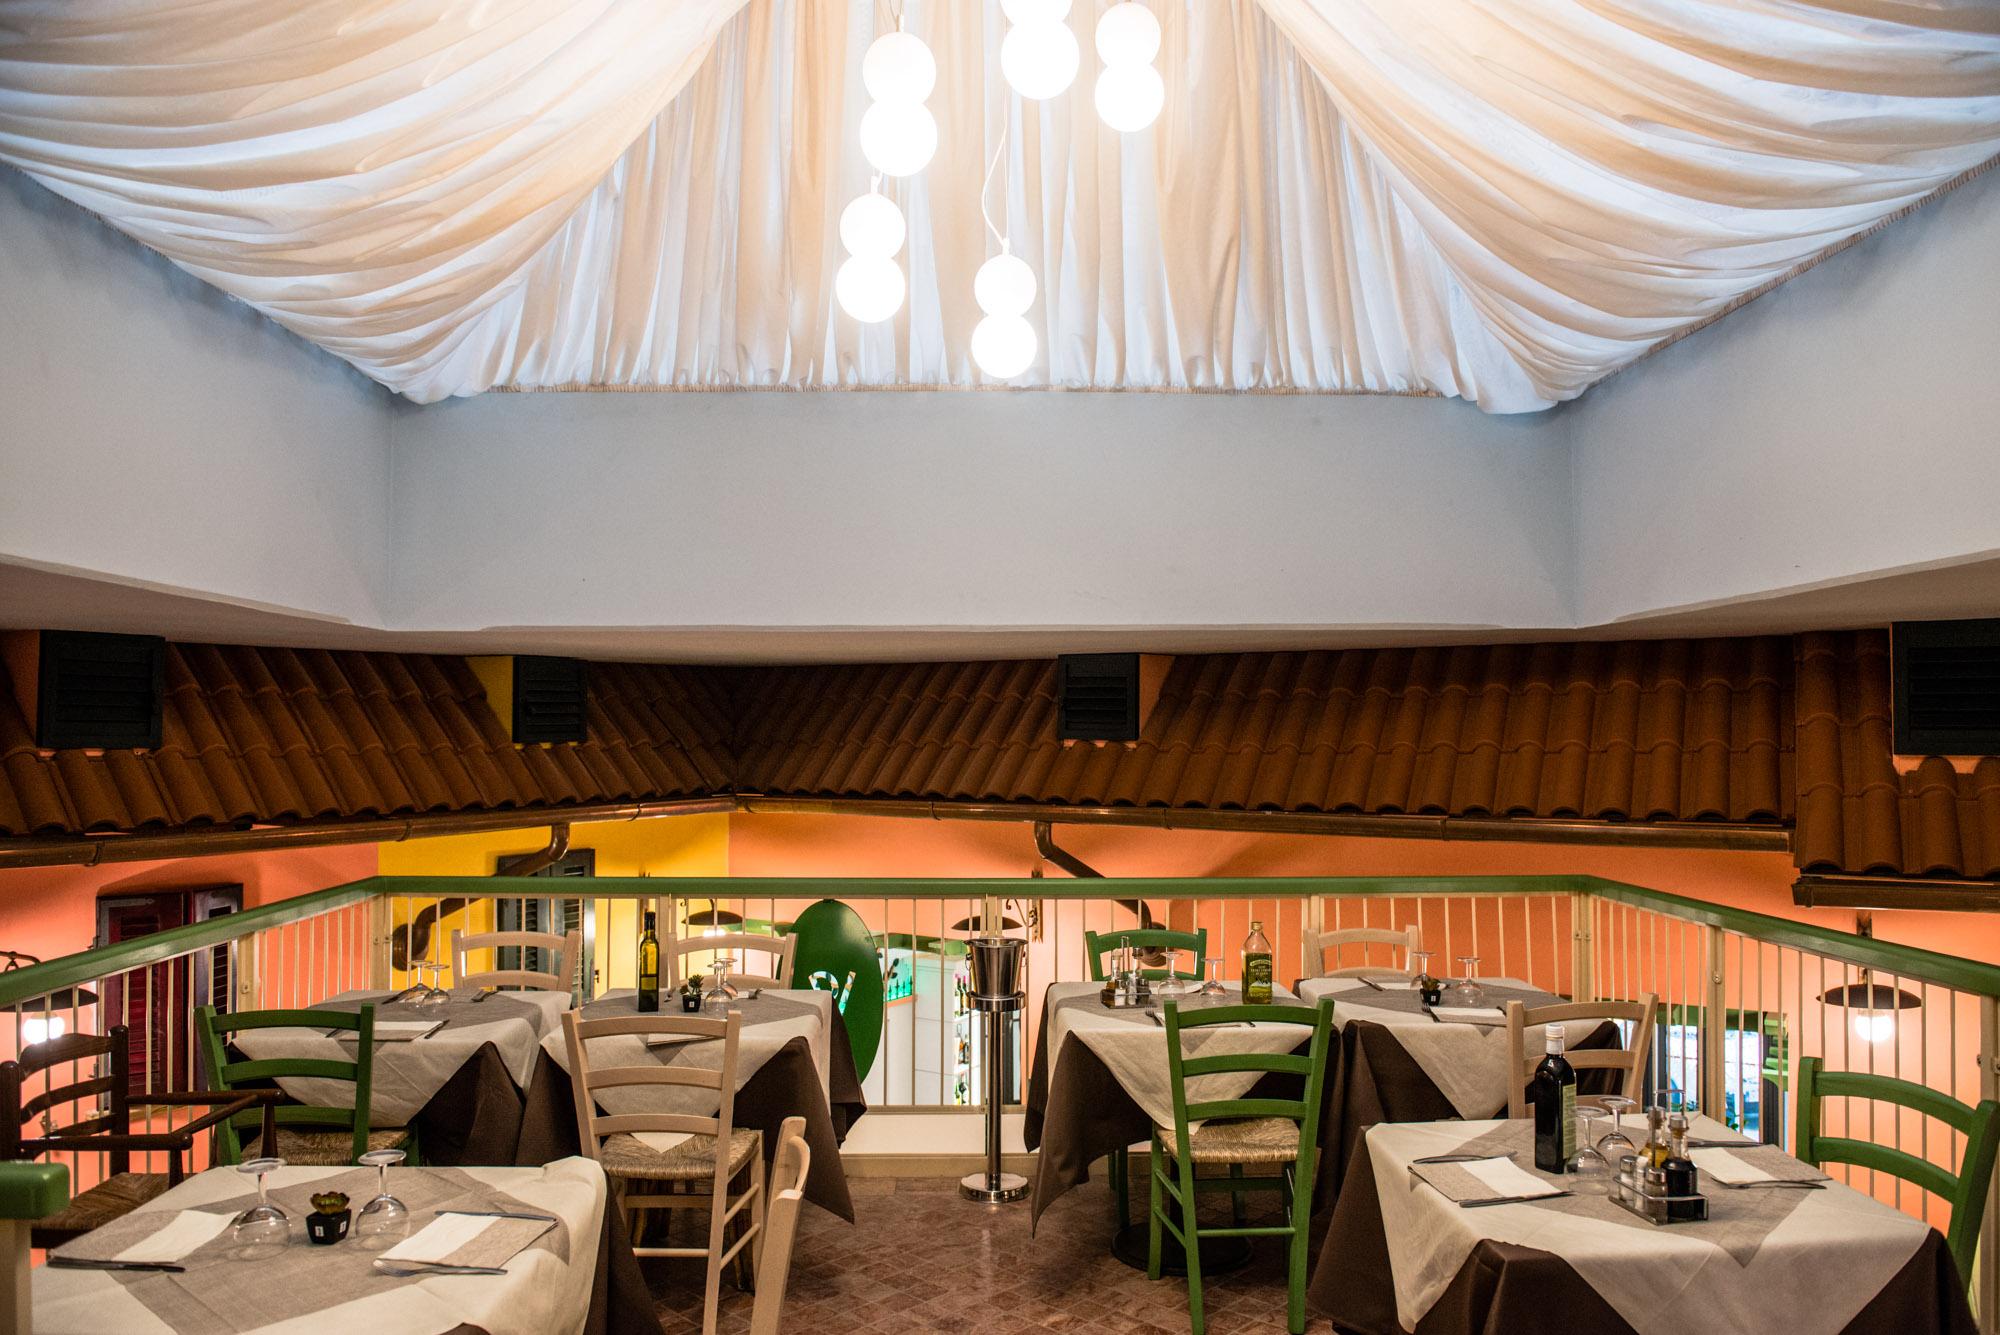 soppalco ristorante vecchia senese livorno